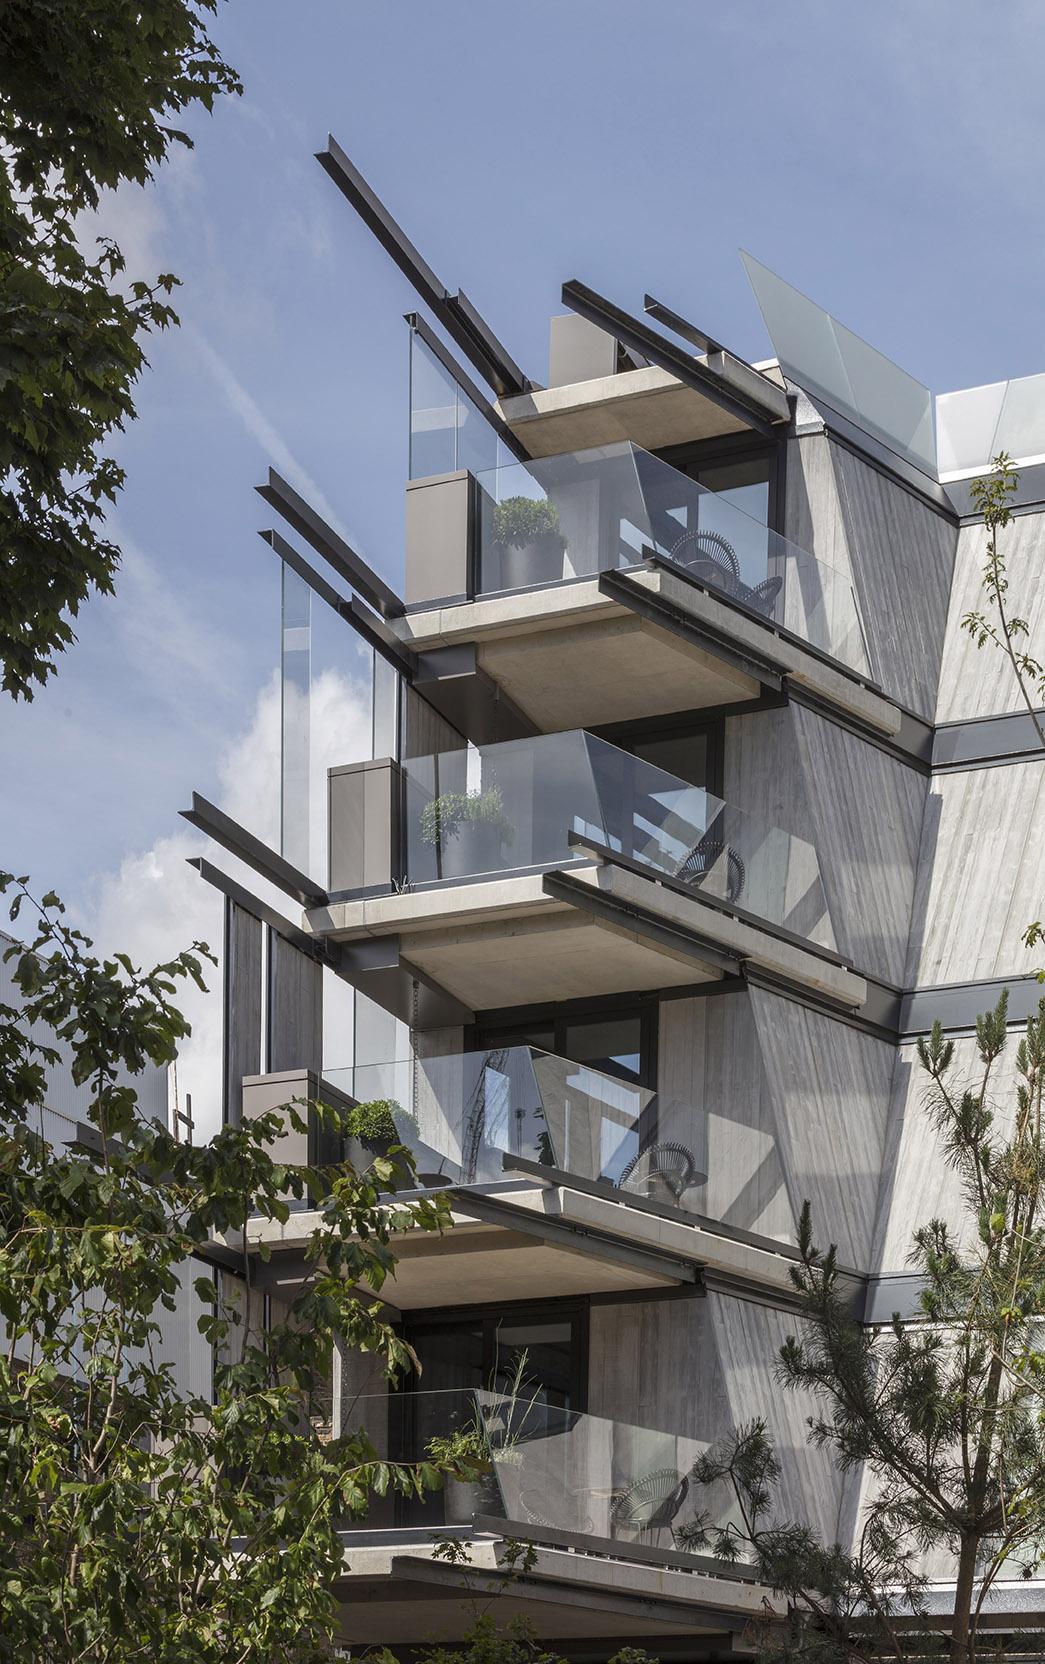 13 007 nobu hotel facade detail 2